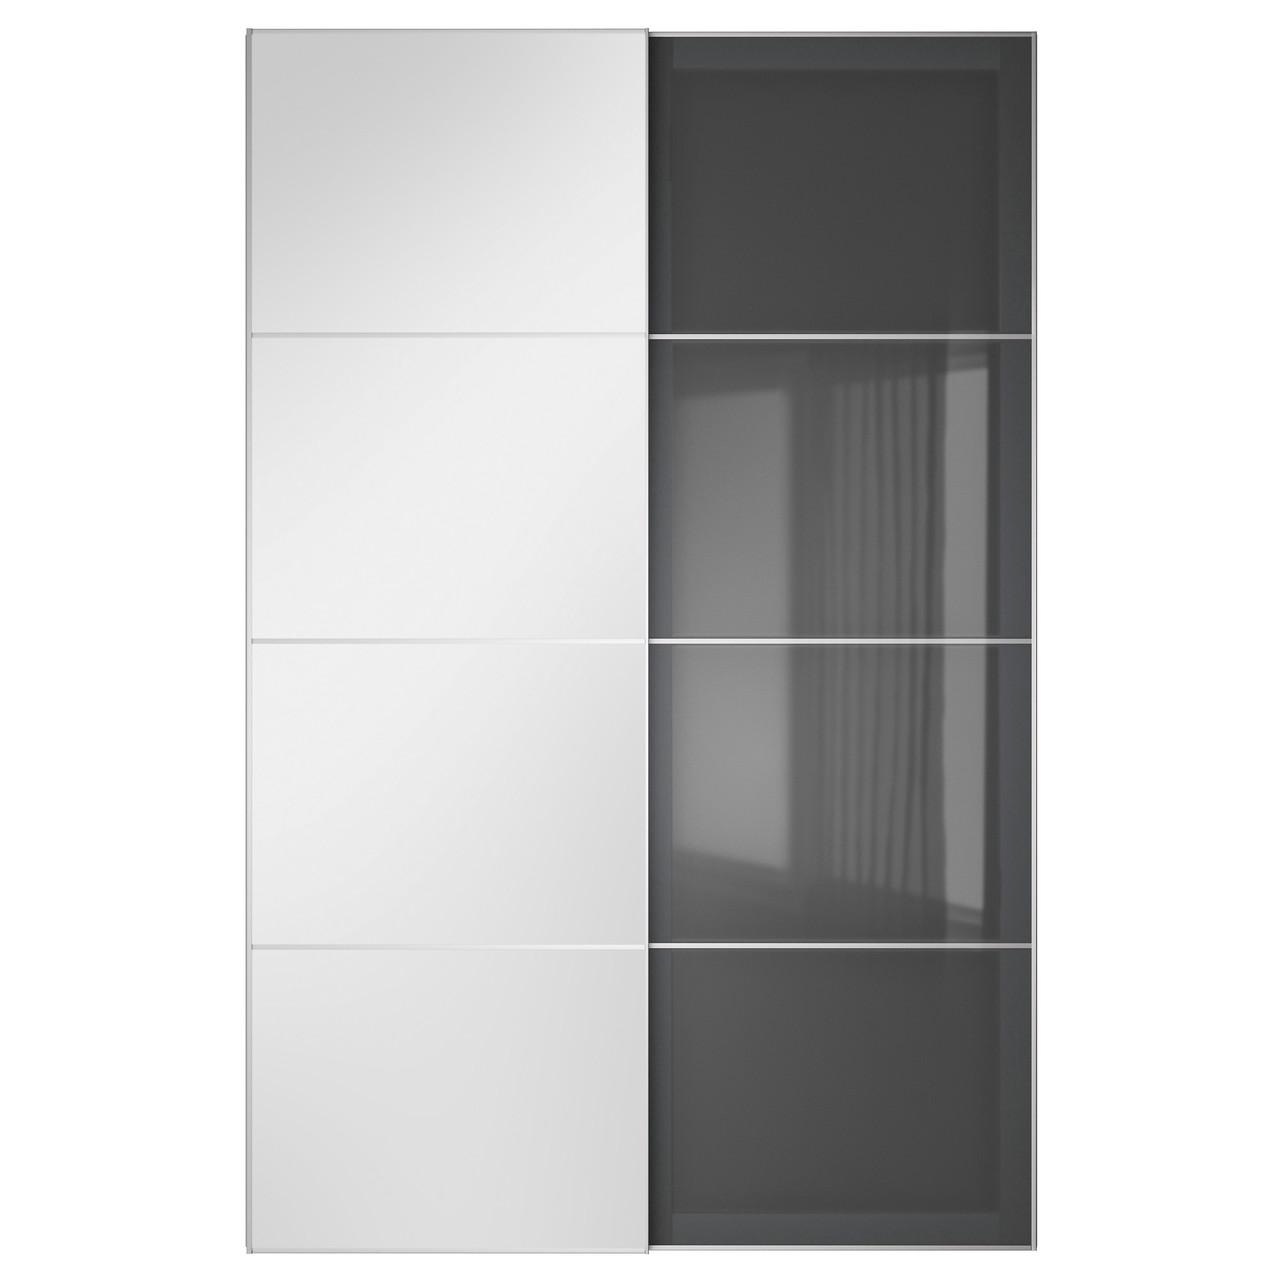 AULI / UGGDAL Пара раздвижных дверей, зеркальное стекло, серое стекло 591.904.04